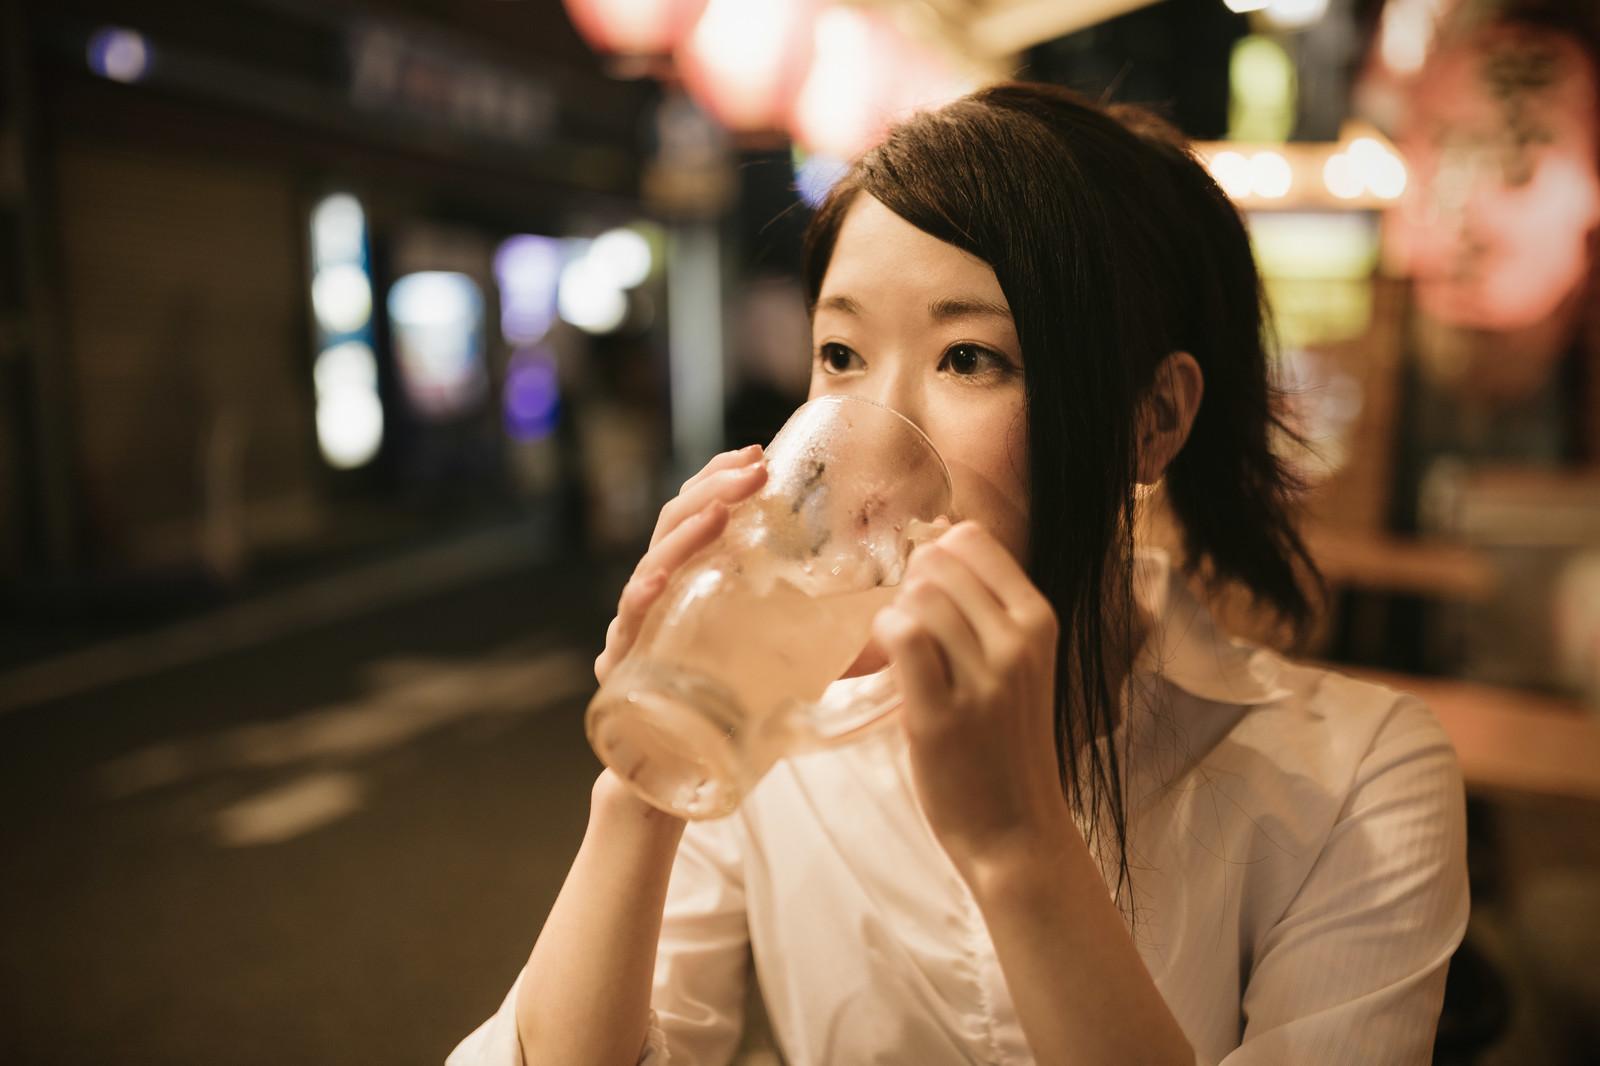 お酒を飲んでる女性